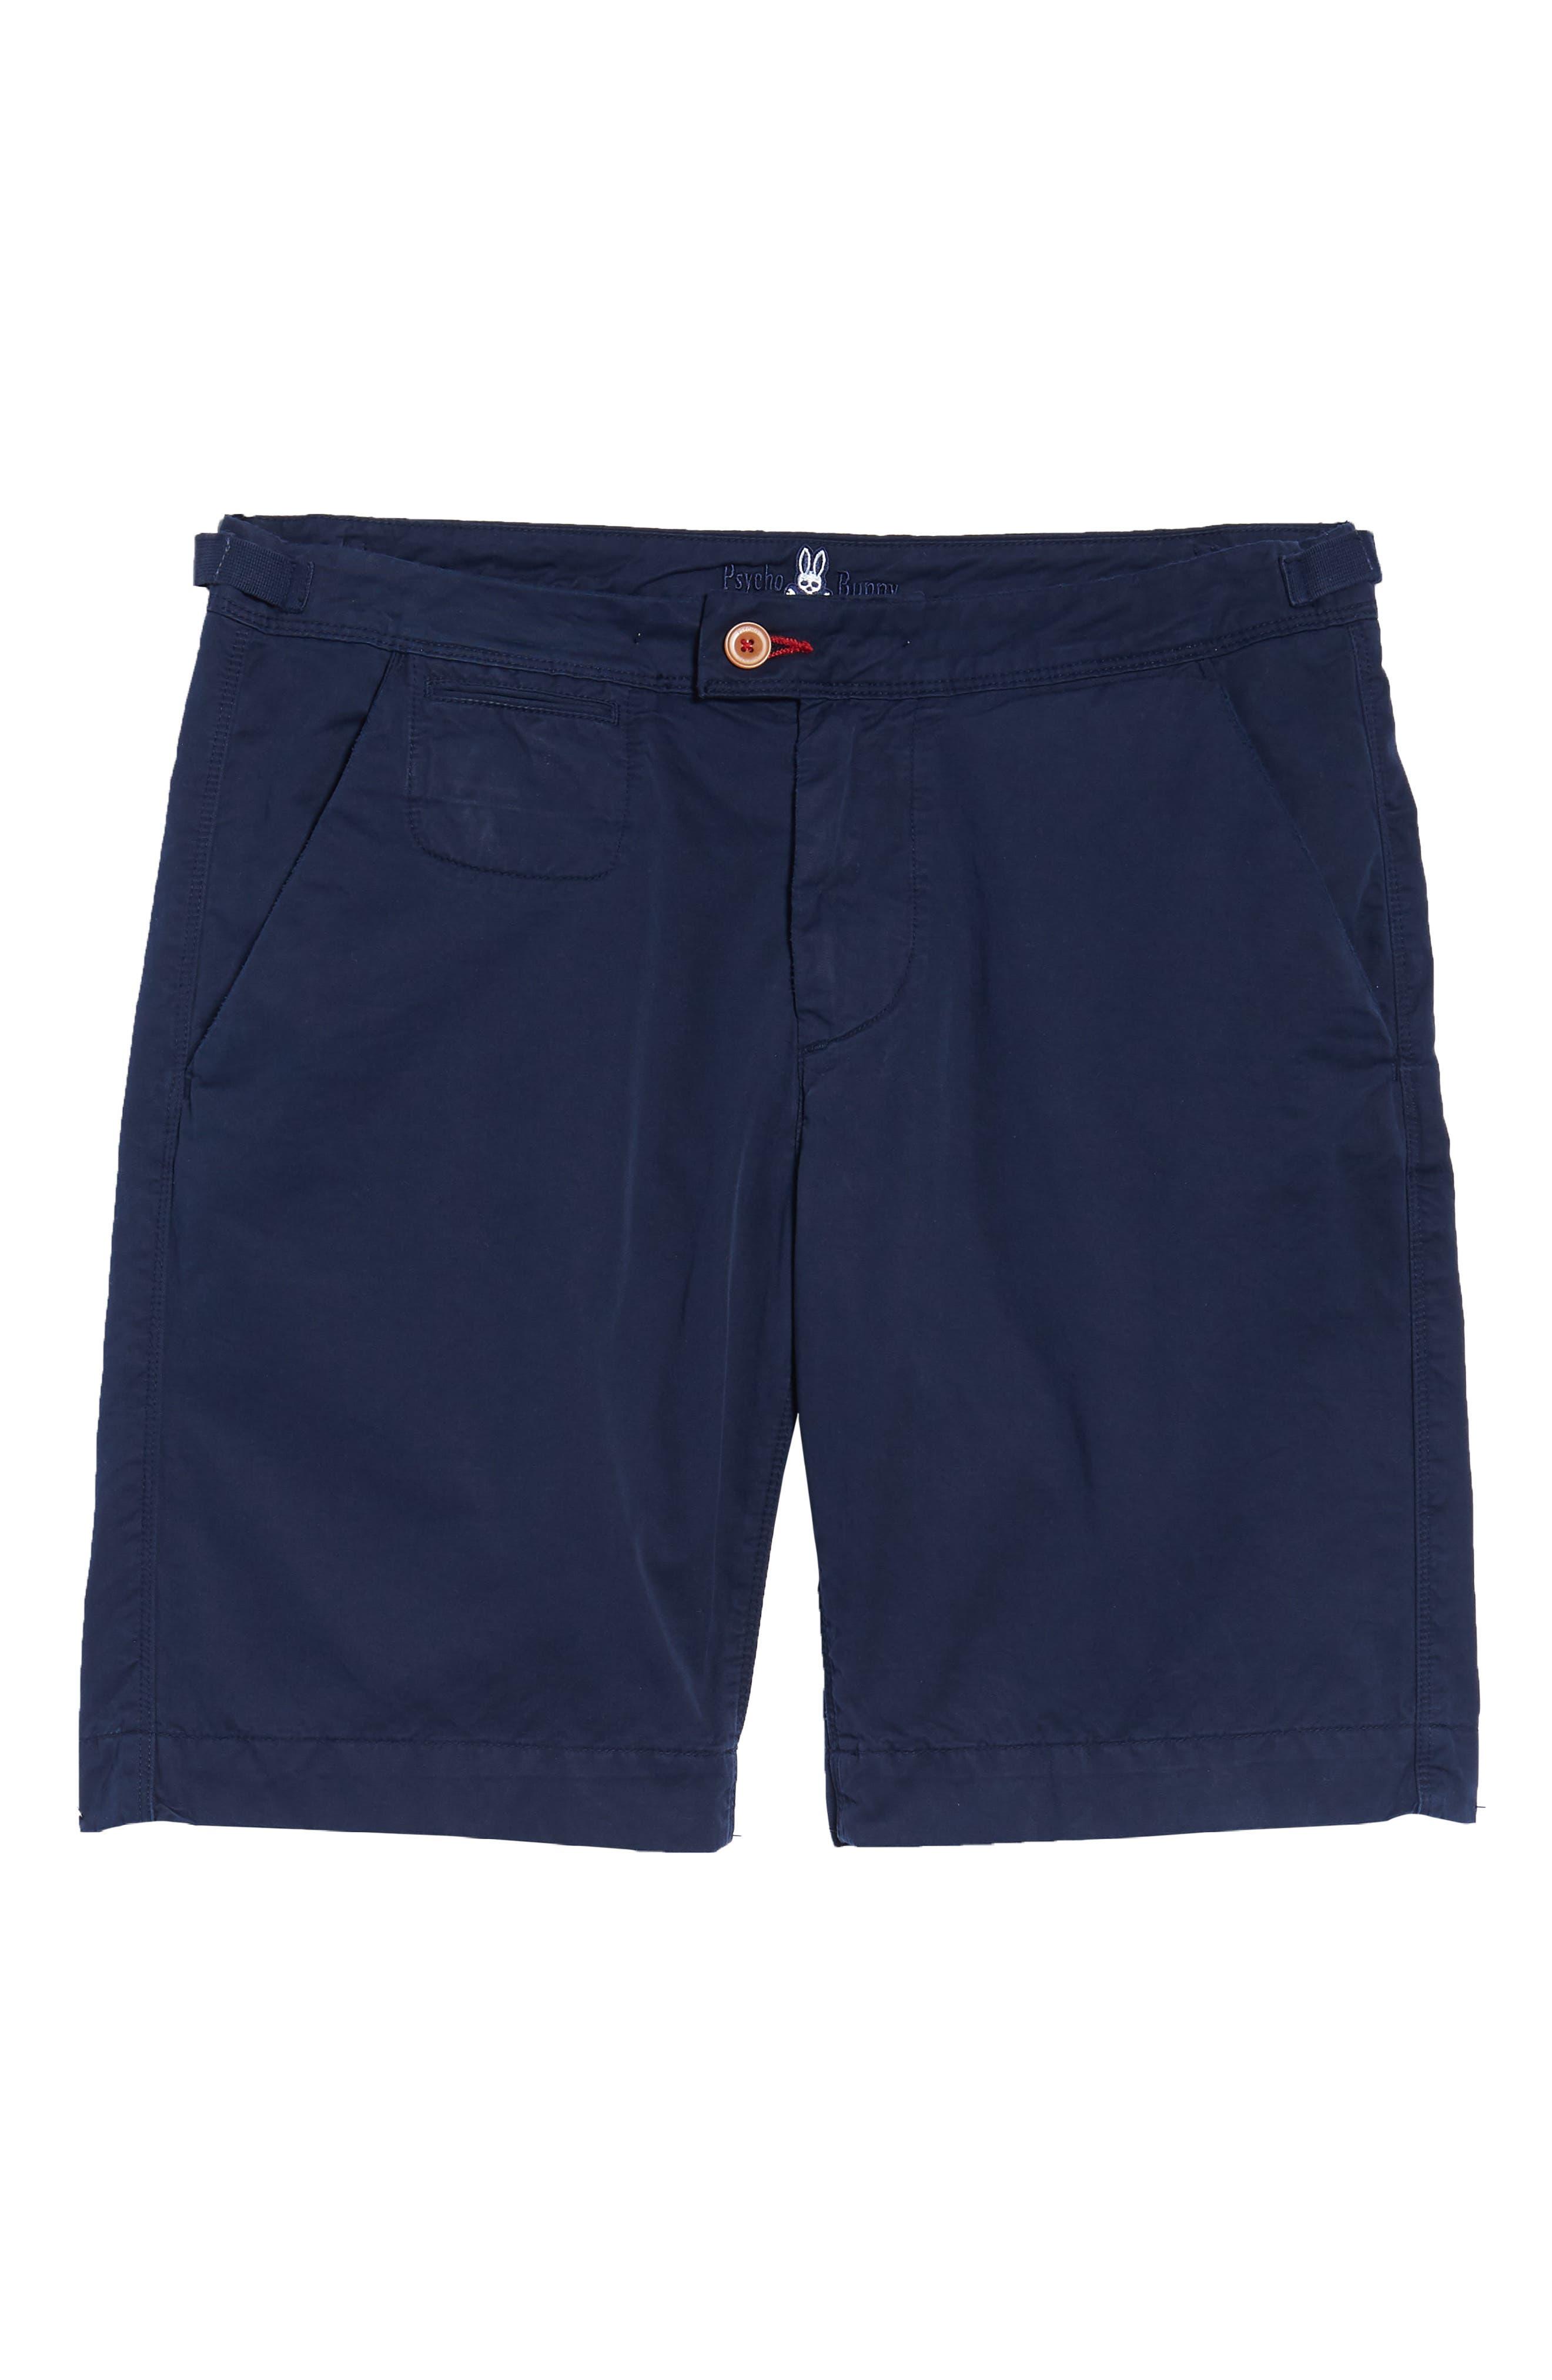 Triumph Shorts,                             Alternate thumbnail 73, color,